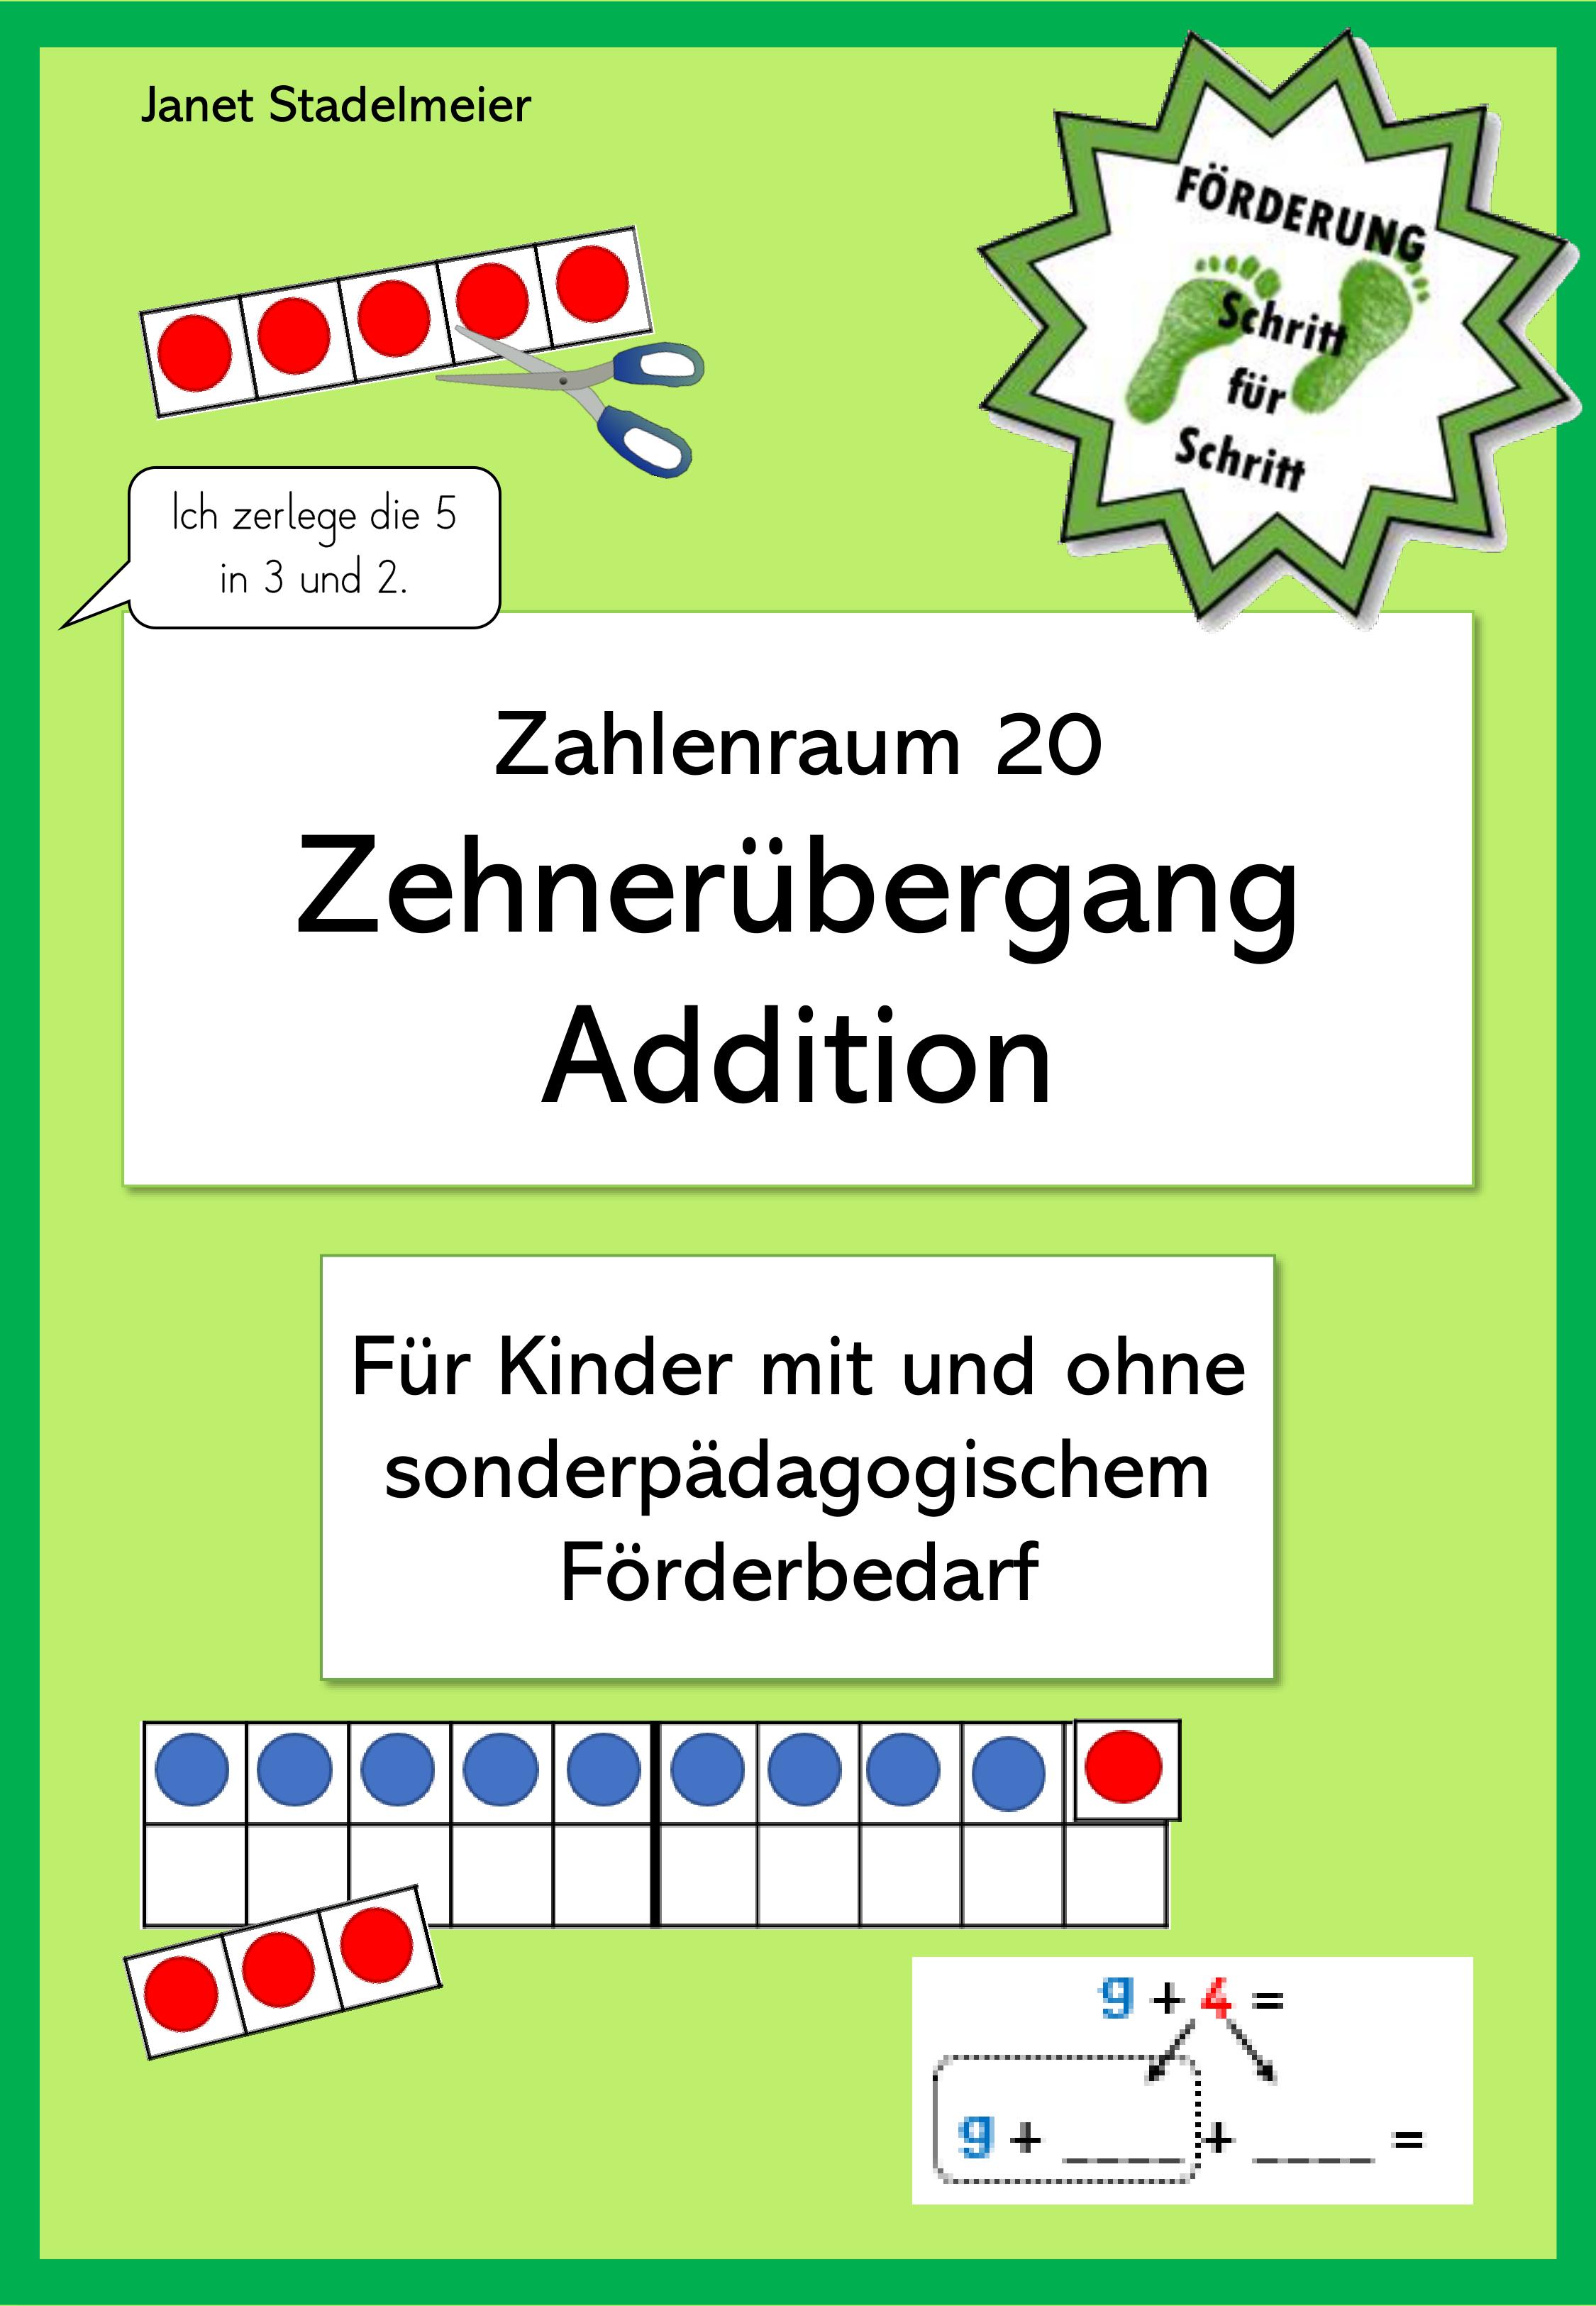 Einfuhrung Des Zehnerubergangs Addition Zr20 Unterrichtsmaterial Im Fach Mathematik Matheunterricht Mathe Unterrichten Mathematik Lernen